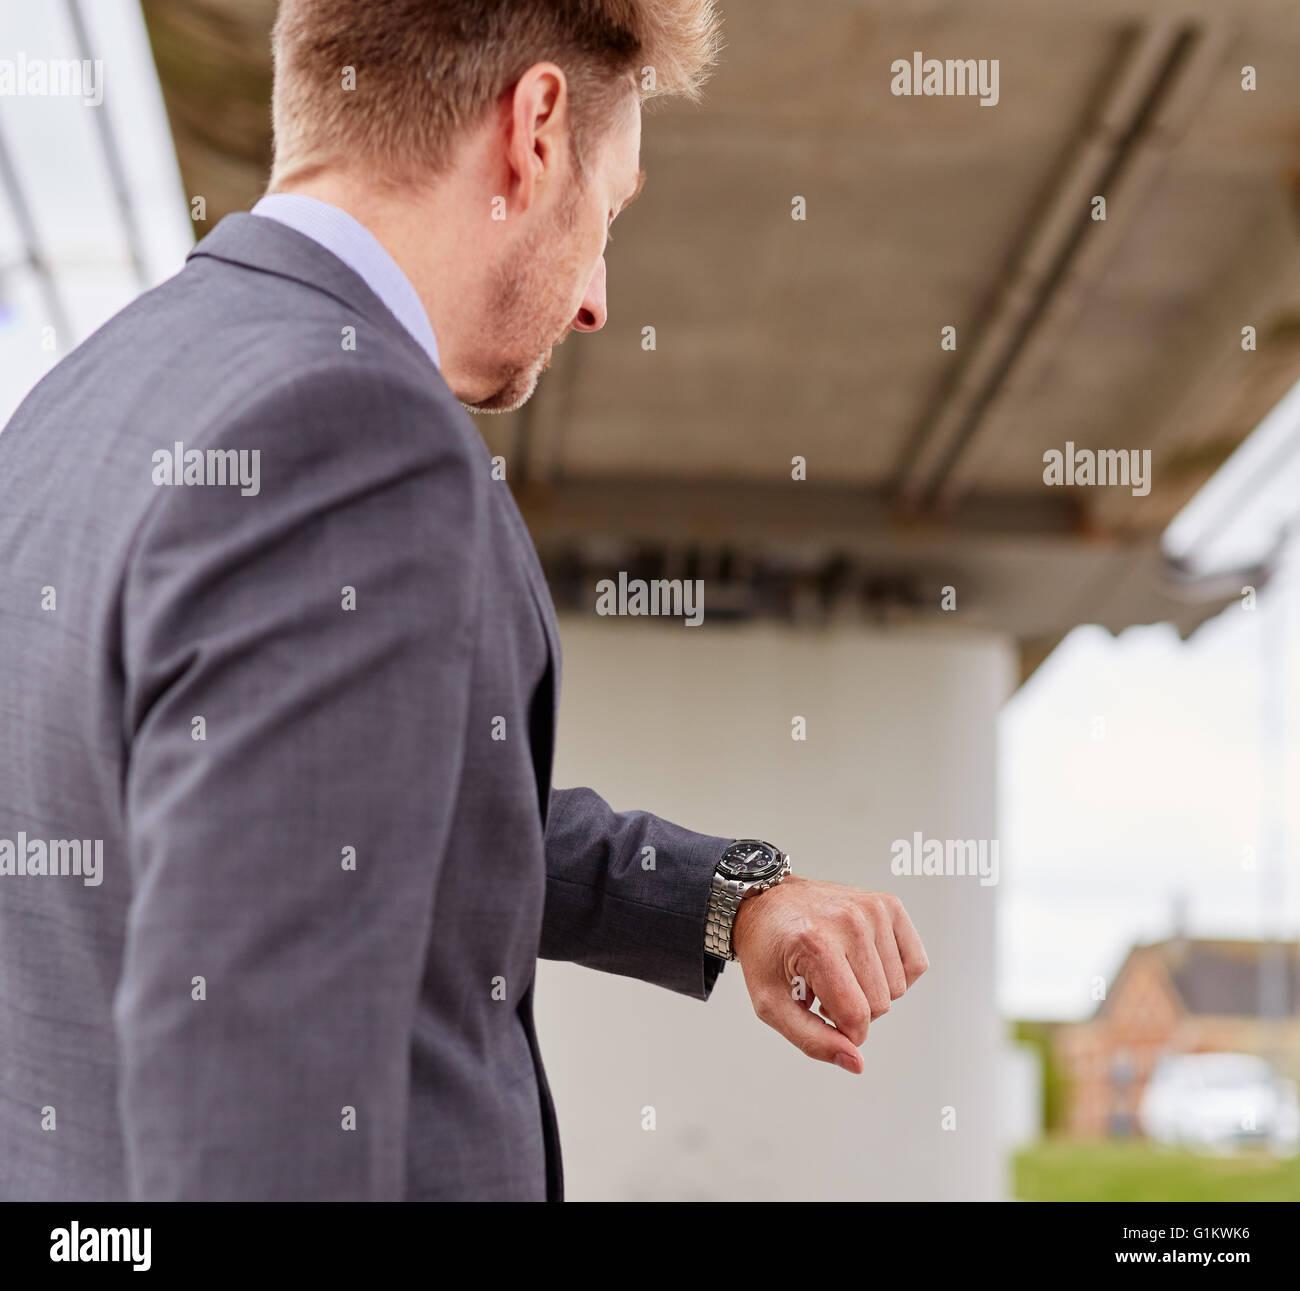 Hombre mirando su reloj corriendo a trabajar Imagen De Stock